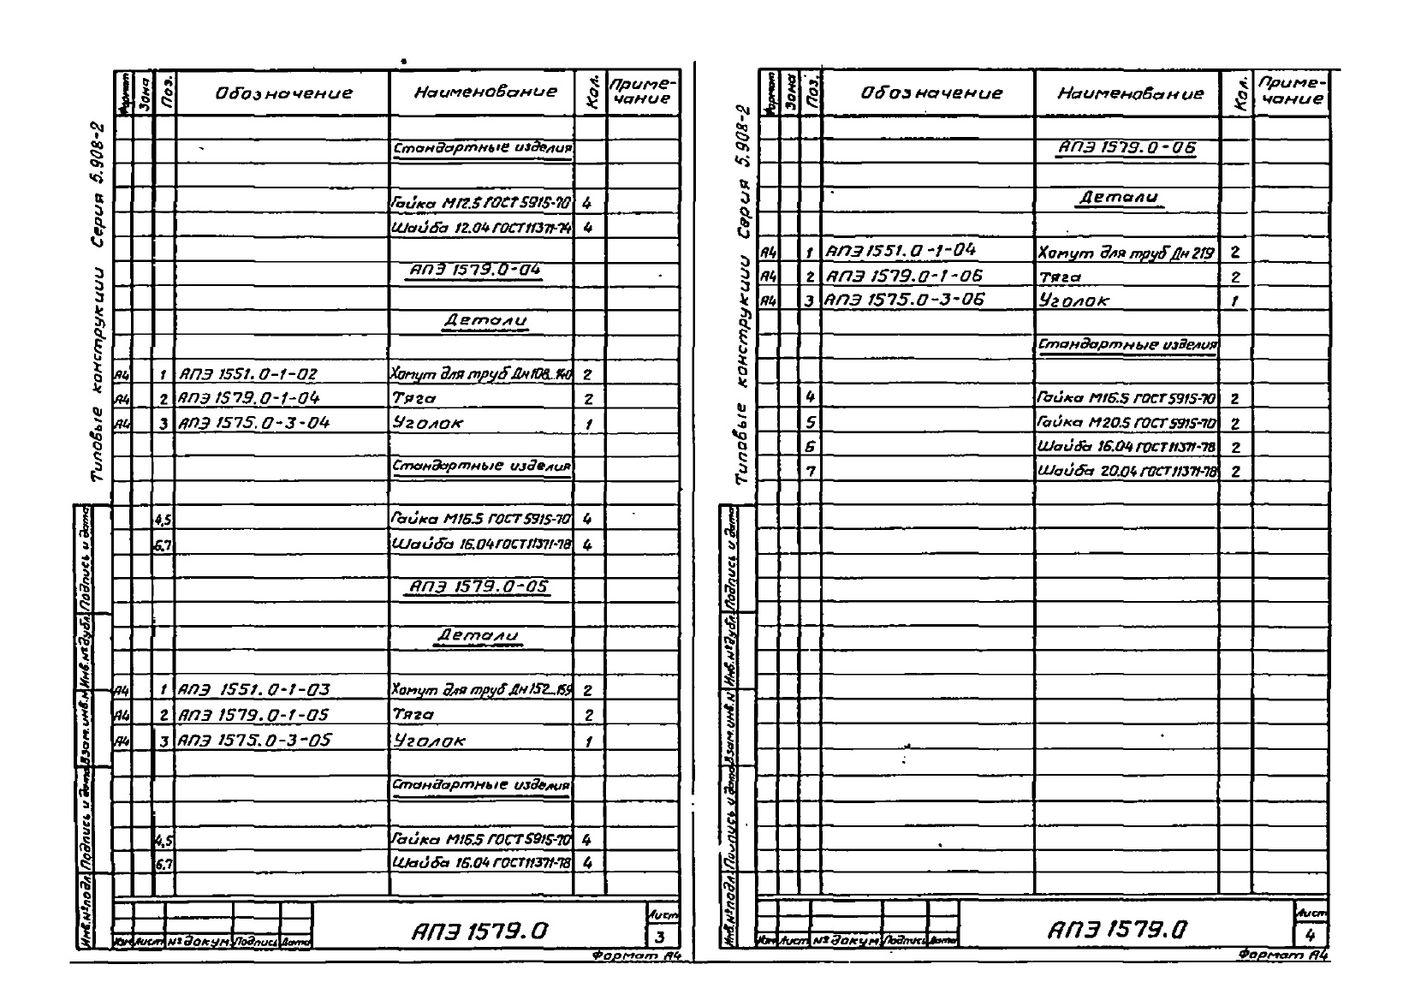 Подвеска АПЭ 1579.0 серия 5.908-2 стр.3